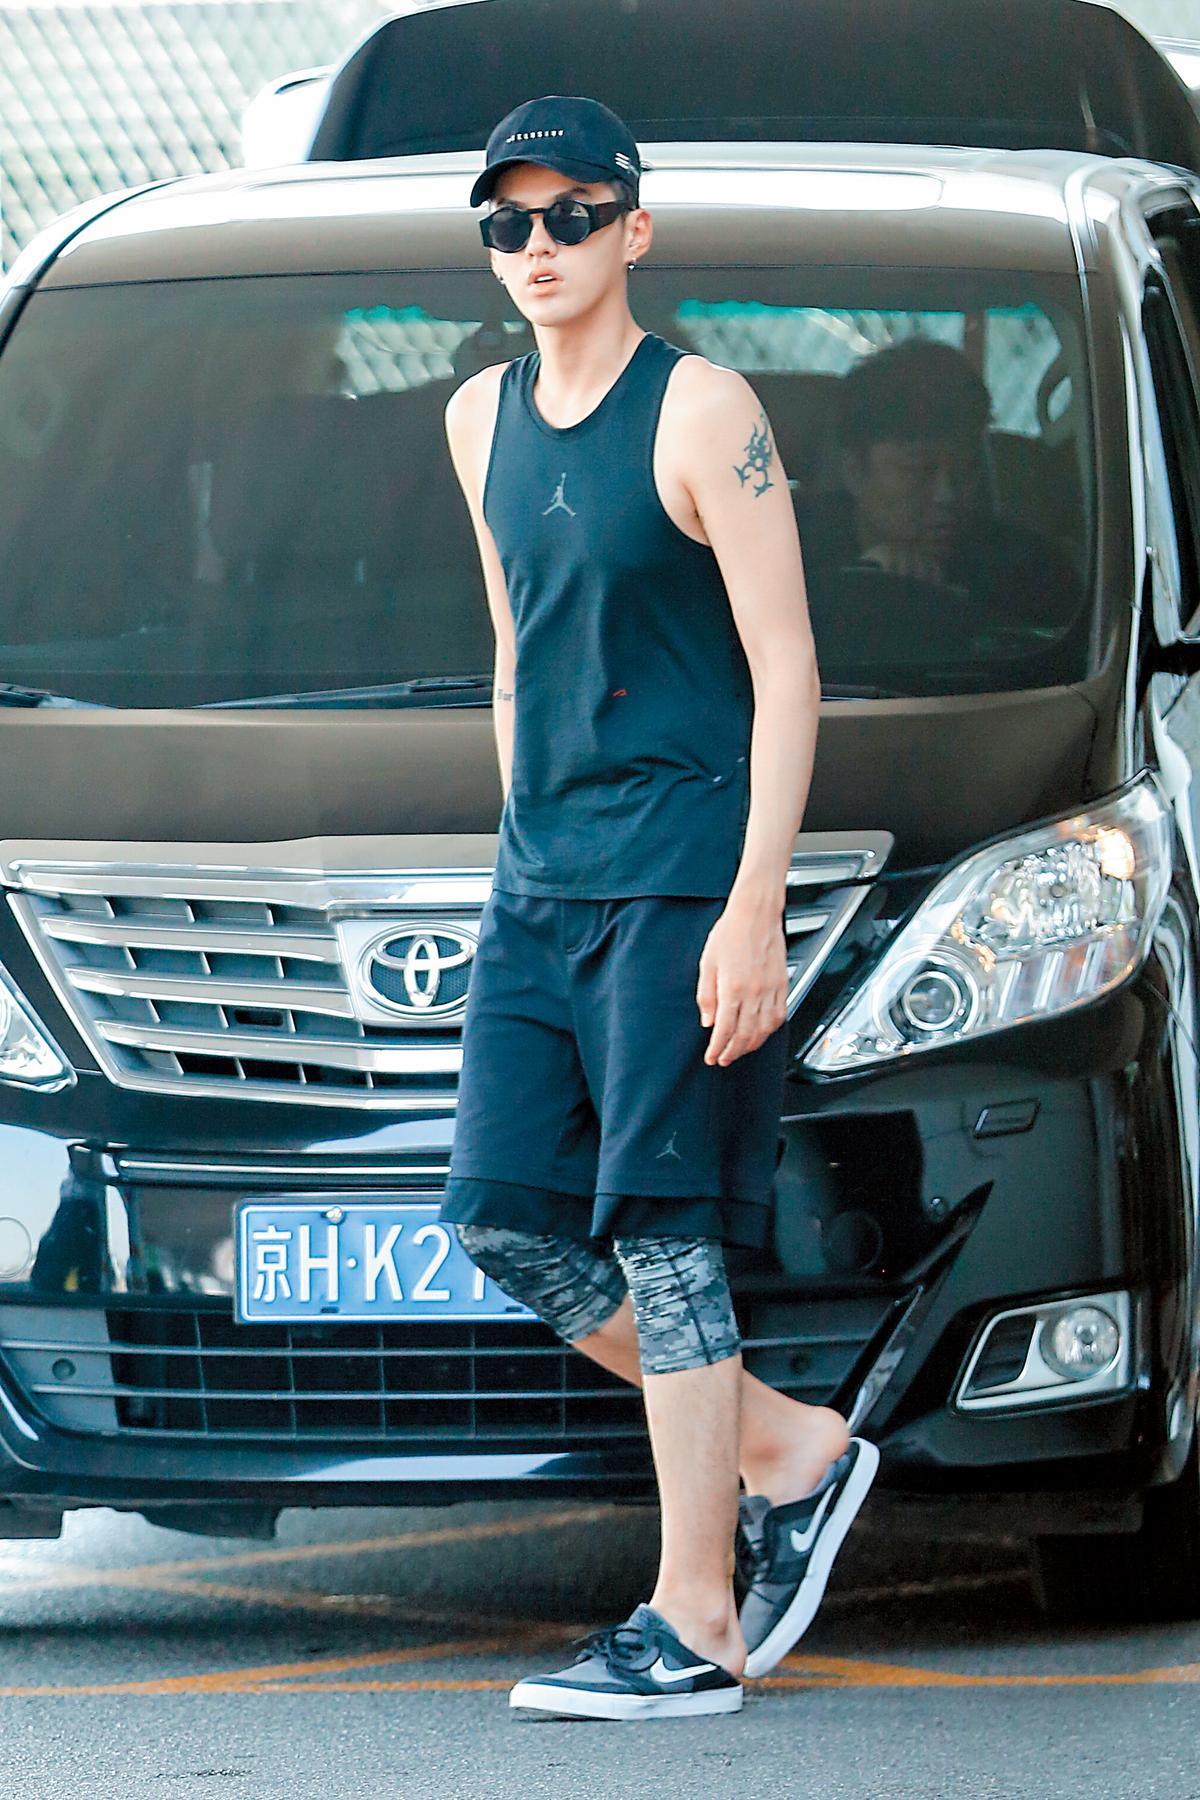 現身在北京機場的吳亦凡,穿著Air Jordan背心,搭配迷彩運動褲,再以同色系的棒球帽準備搭機,非常隨性又帥氣啊!(東方IC)